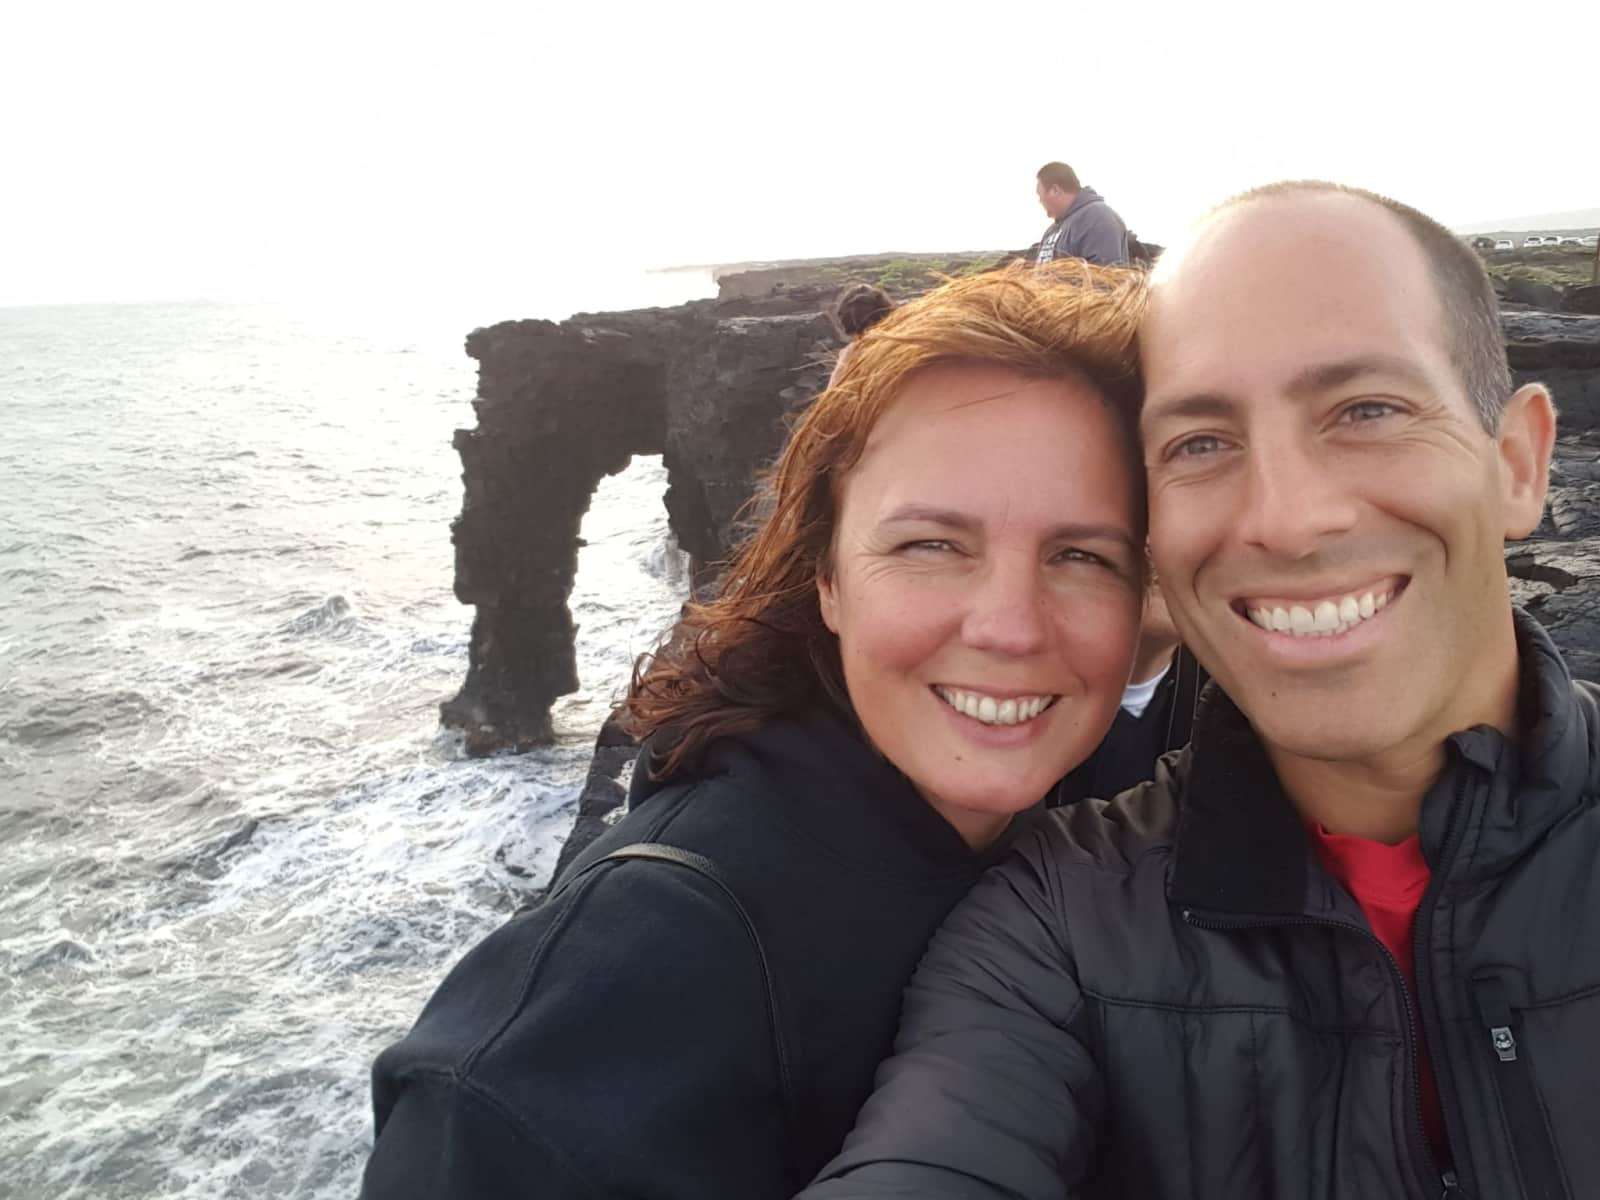 Beth & alex & Alex from San Francisco, California, United States